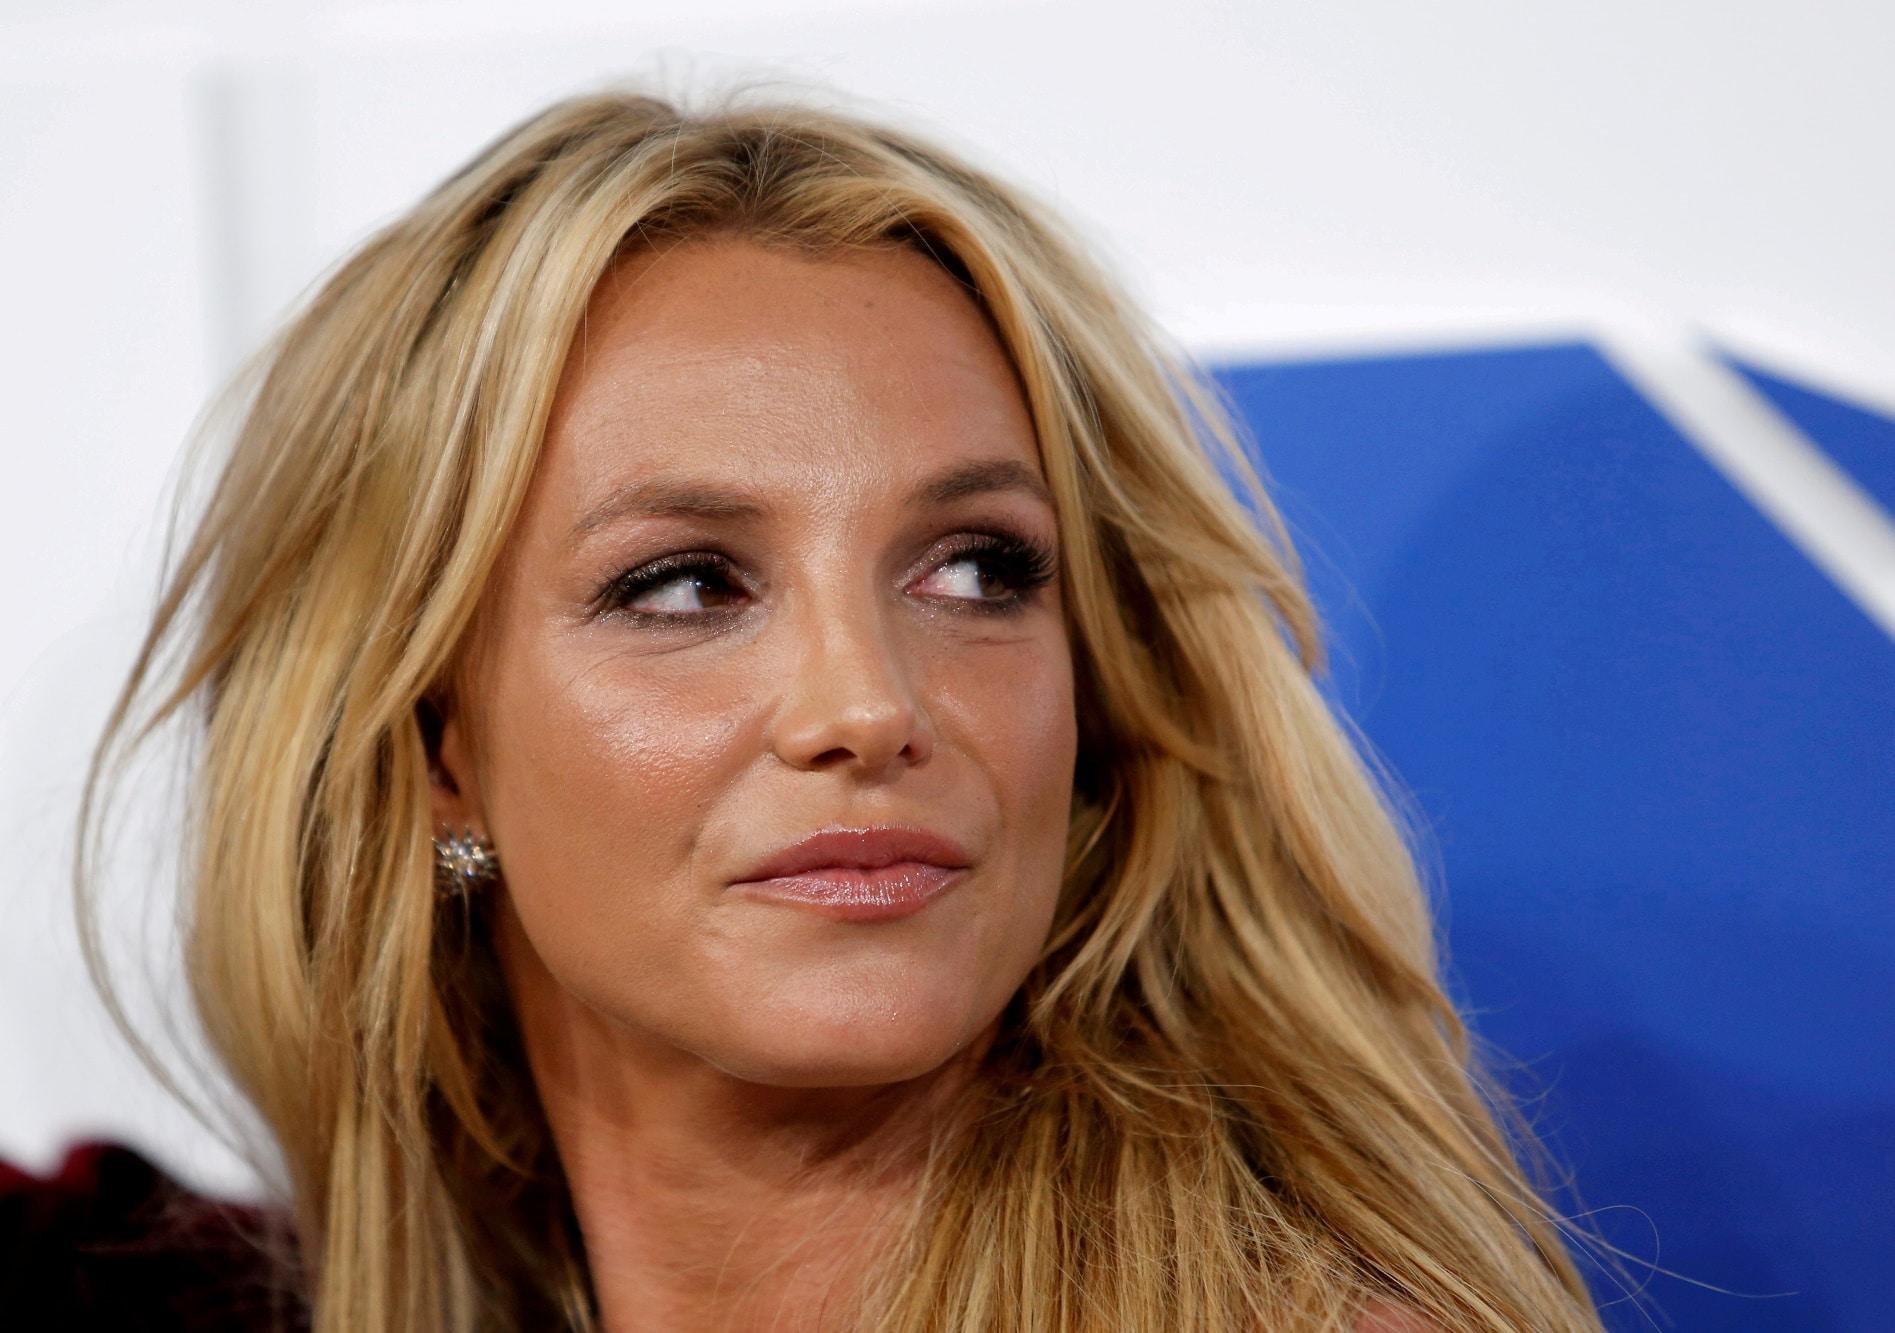 Britney Spears vystoupila požádala o zrušení opatrovnictví